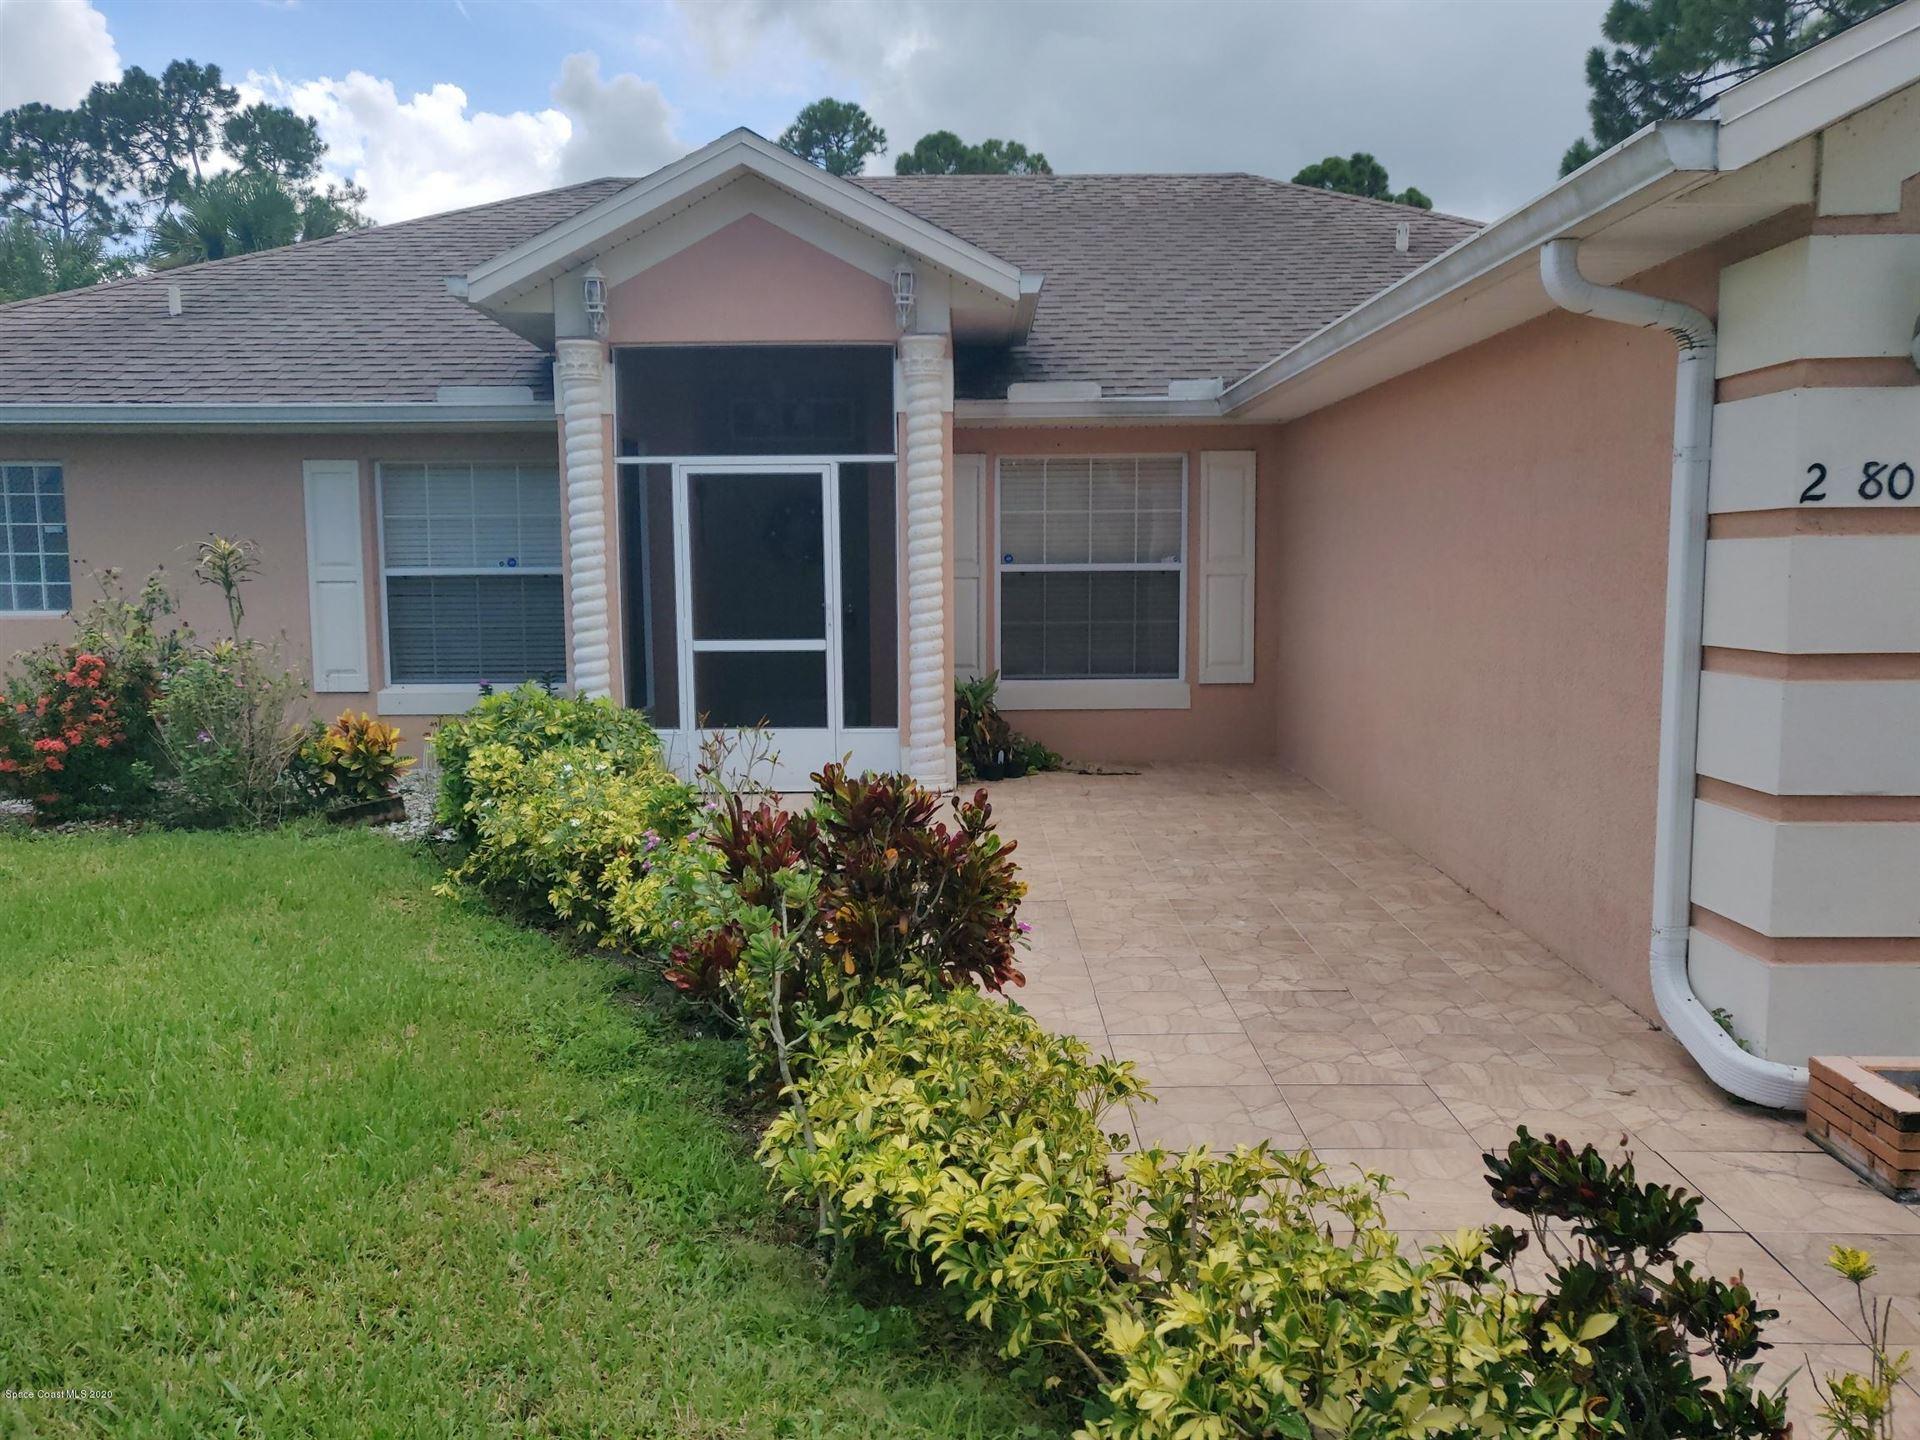 2780 Tolman Avenue, Palm Bay, FL 32909 - #: 881352